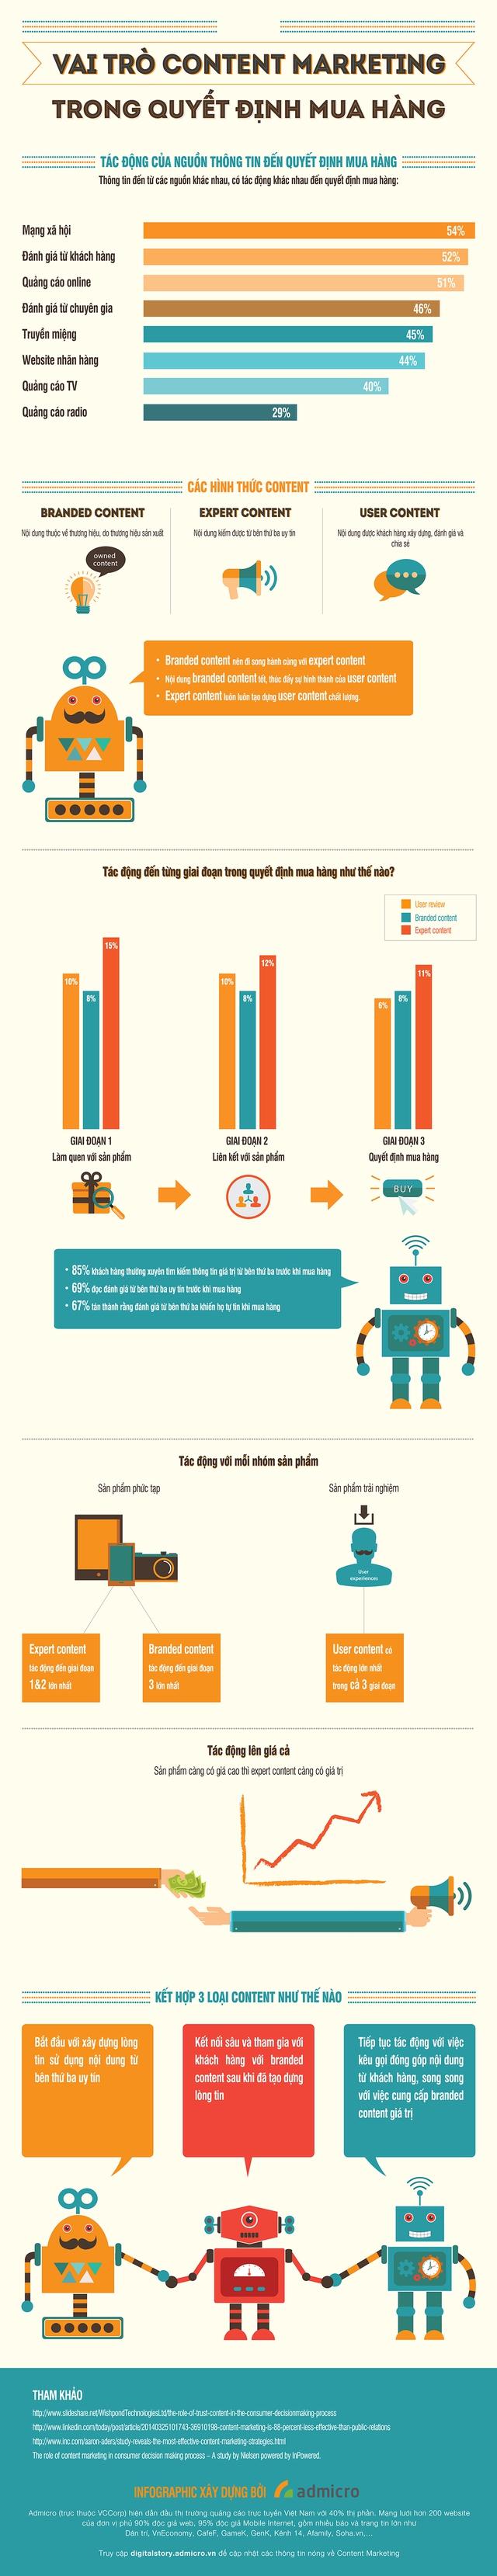 Infographic: Khám phá sức tác động của Content Marketing đến quyết định mua hàng